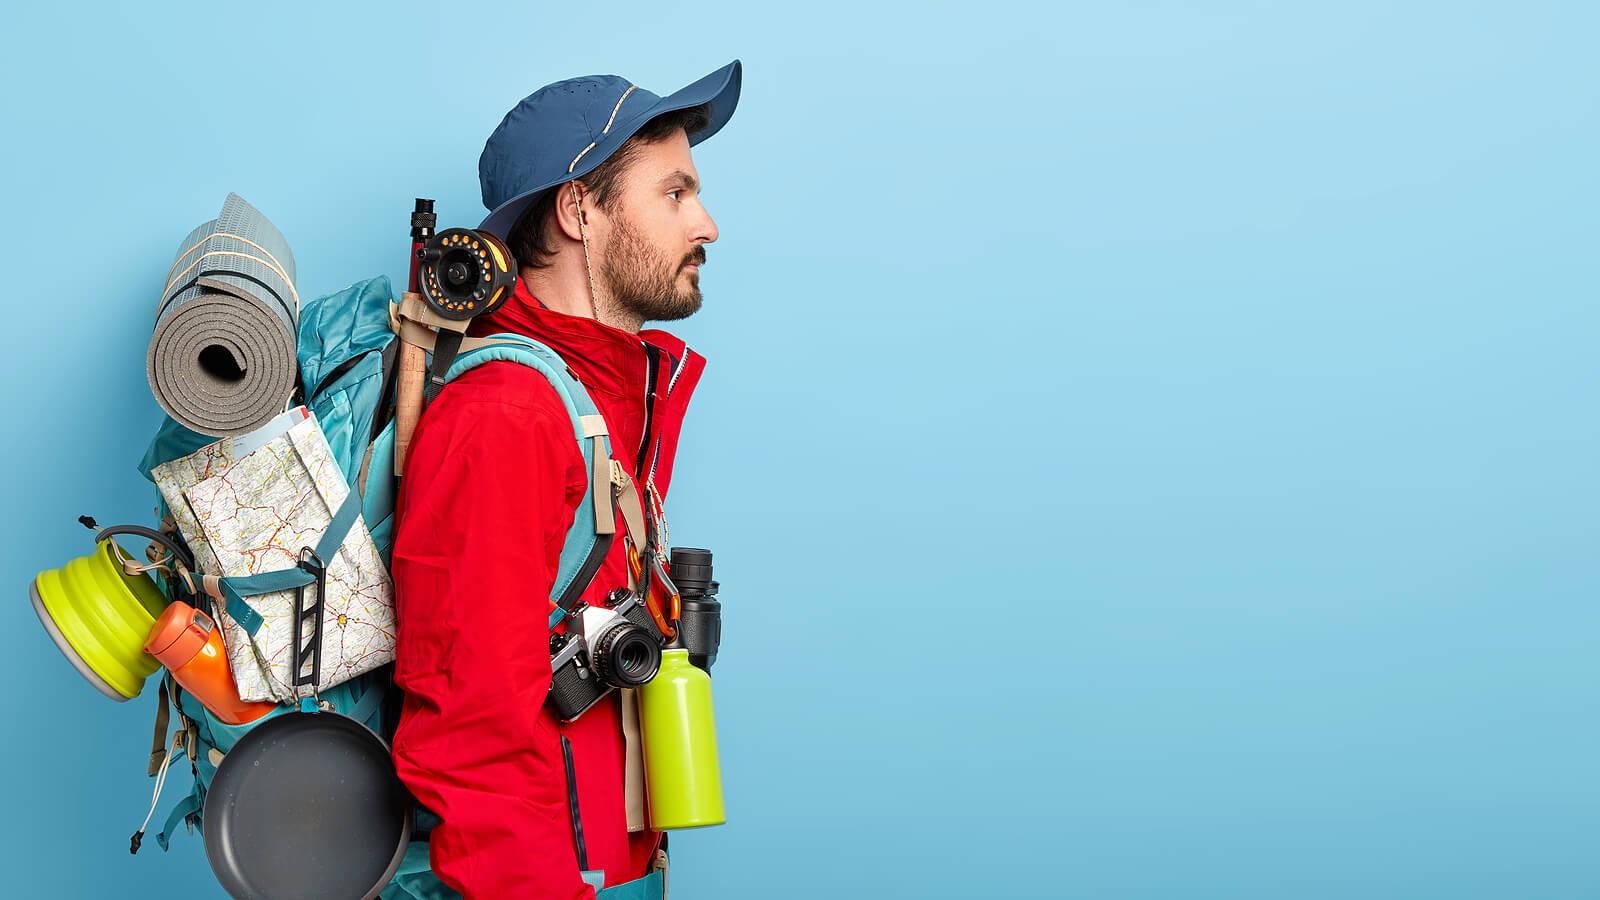 Chico que sabe bien cómo preparar la mochila para ir de excursión.